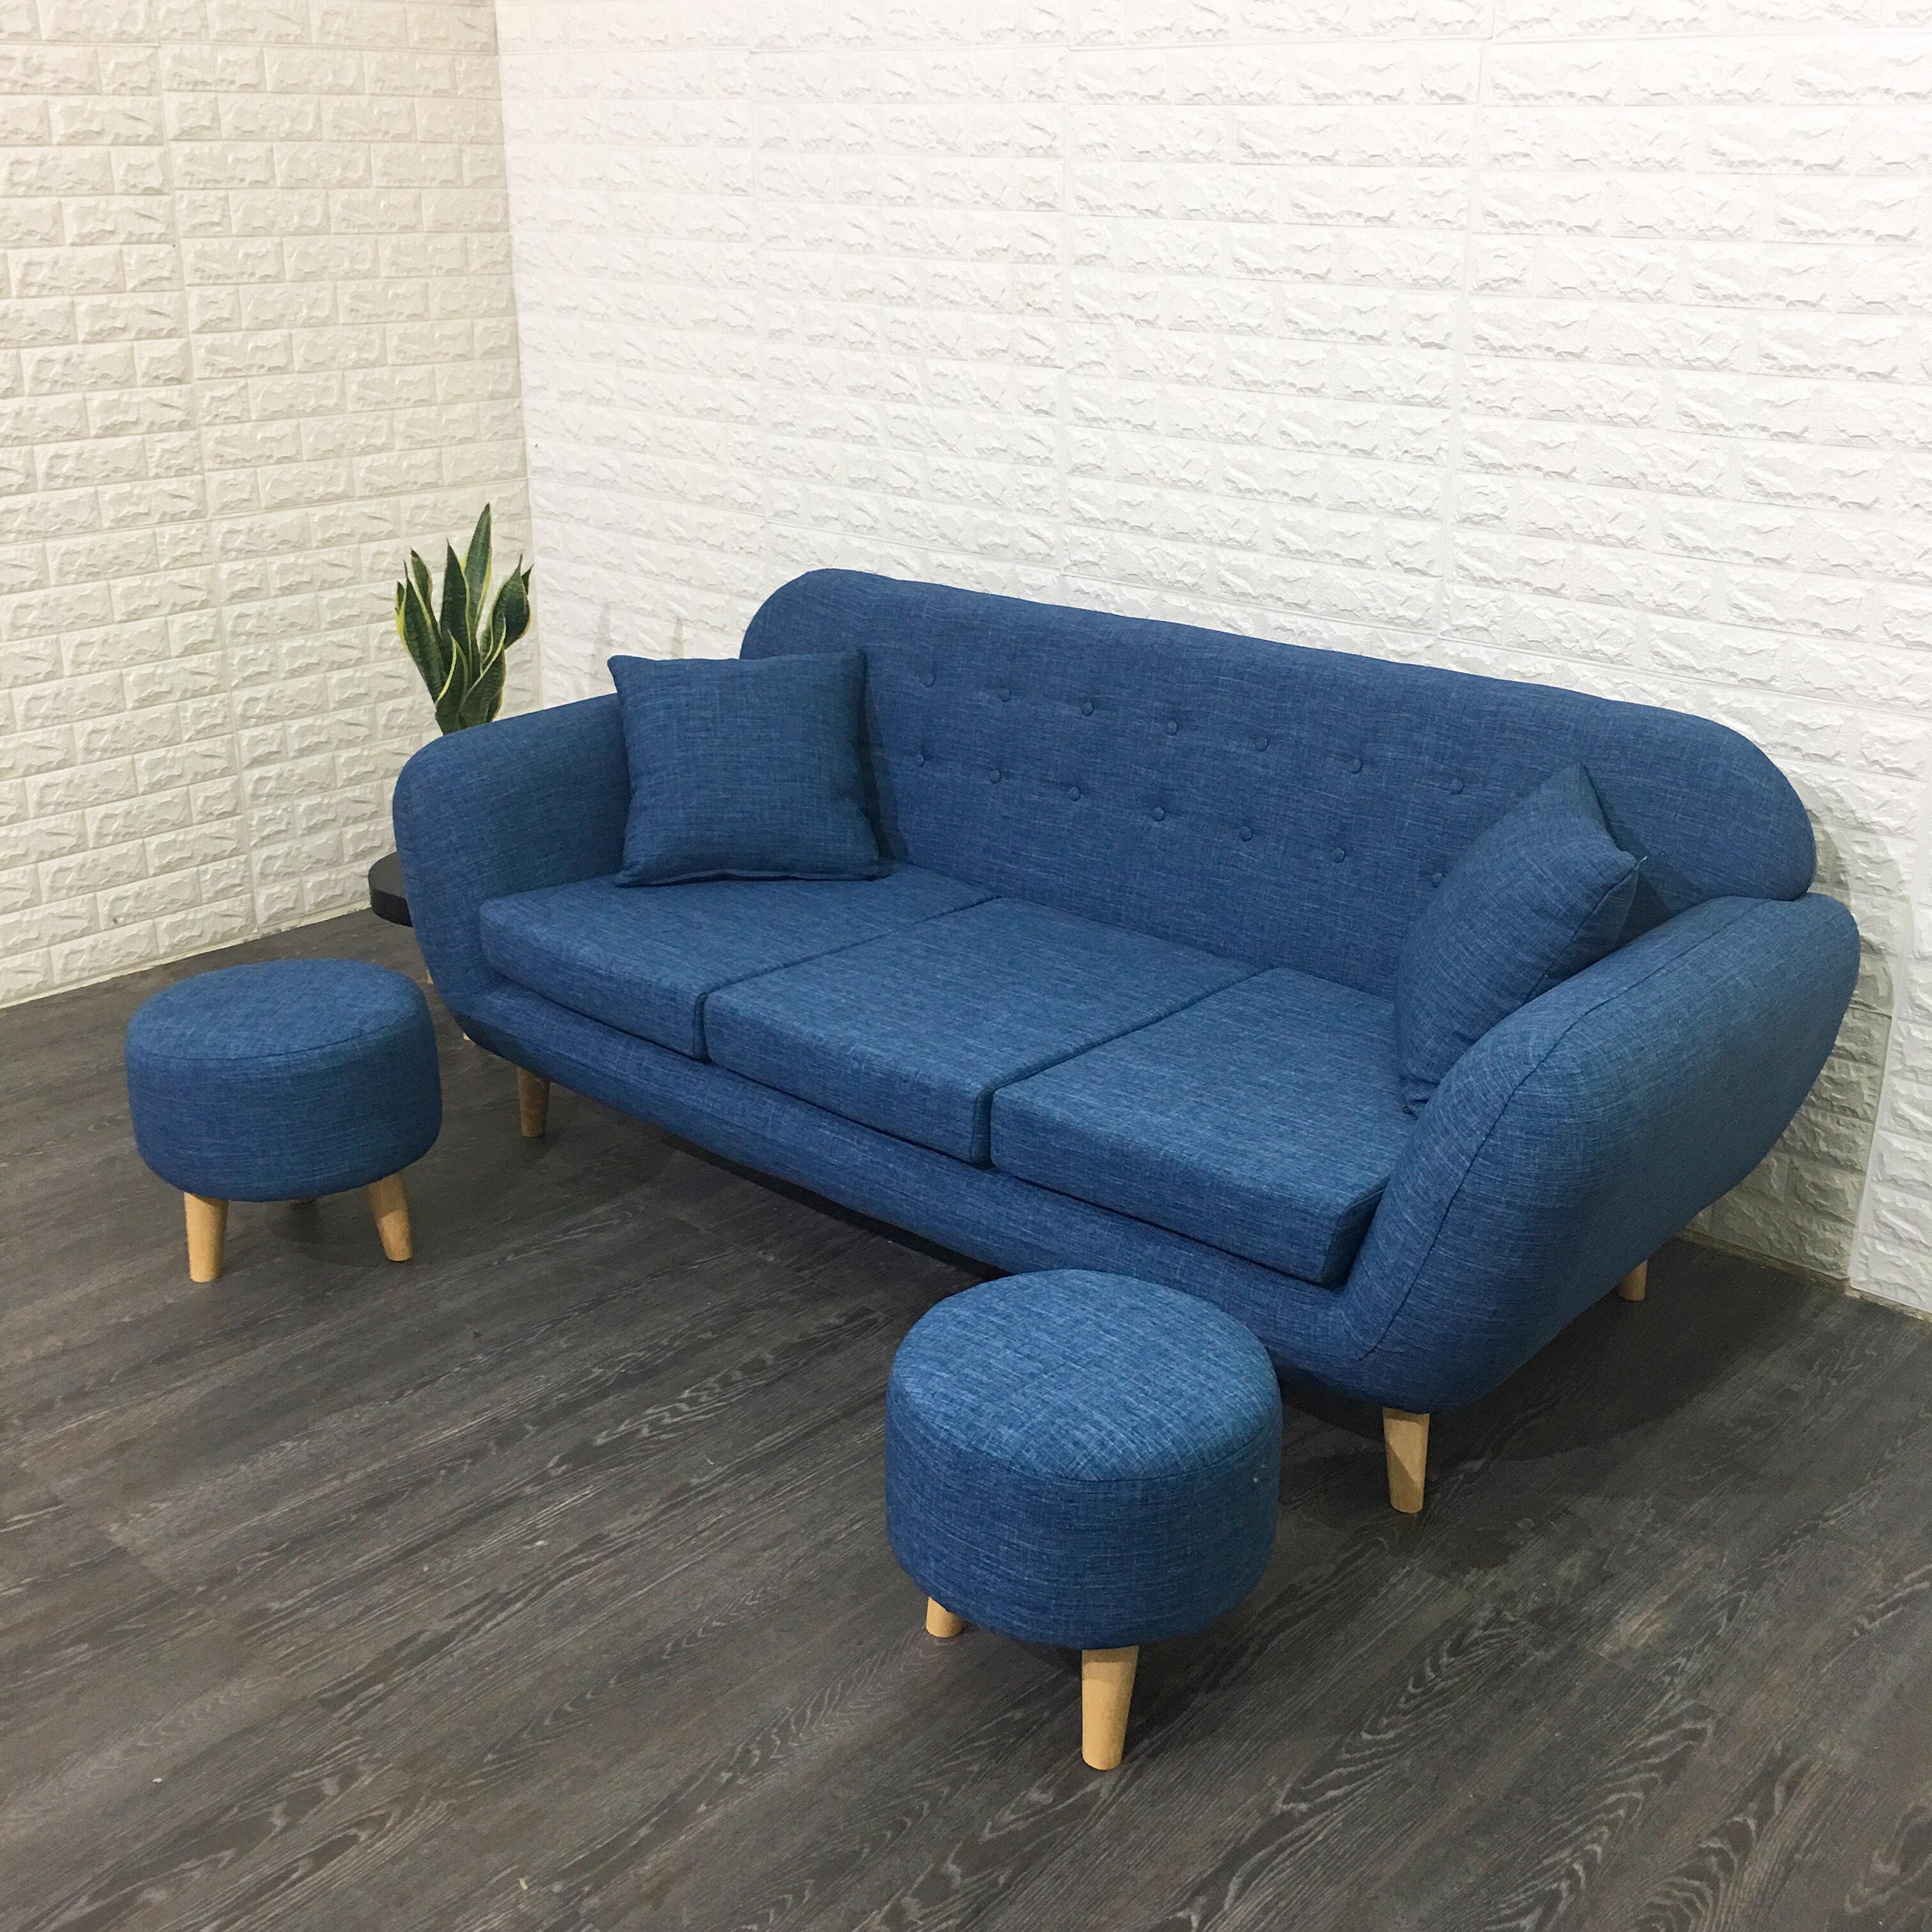 Bộ Sofa Băng A1 Kèm 2 Đôn Cùng Bộ (190x80x78cm)